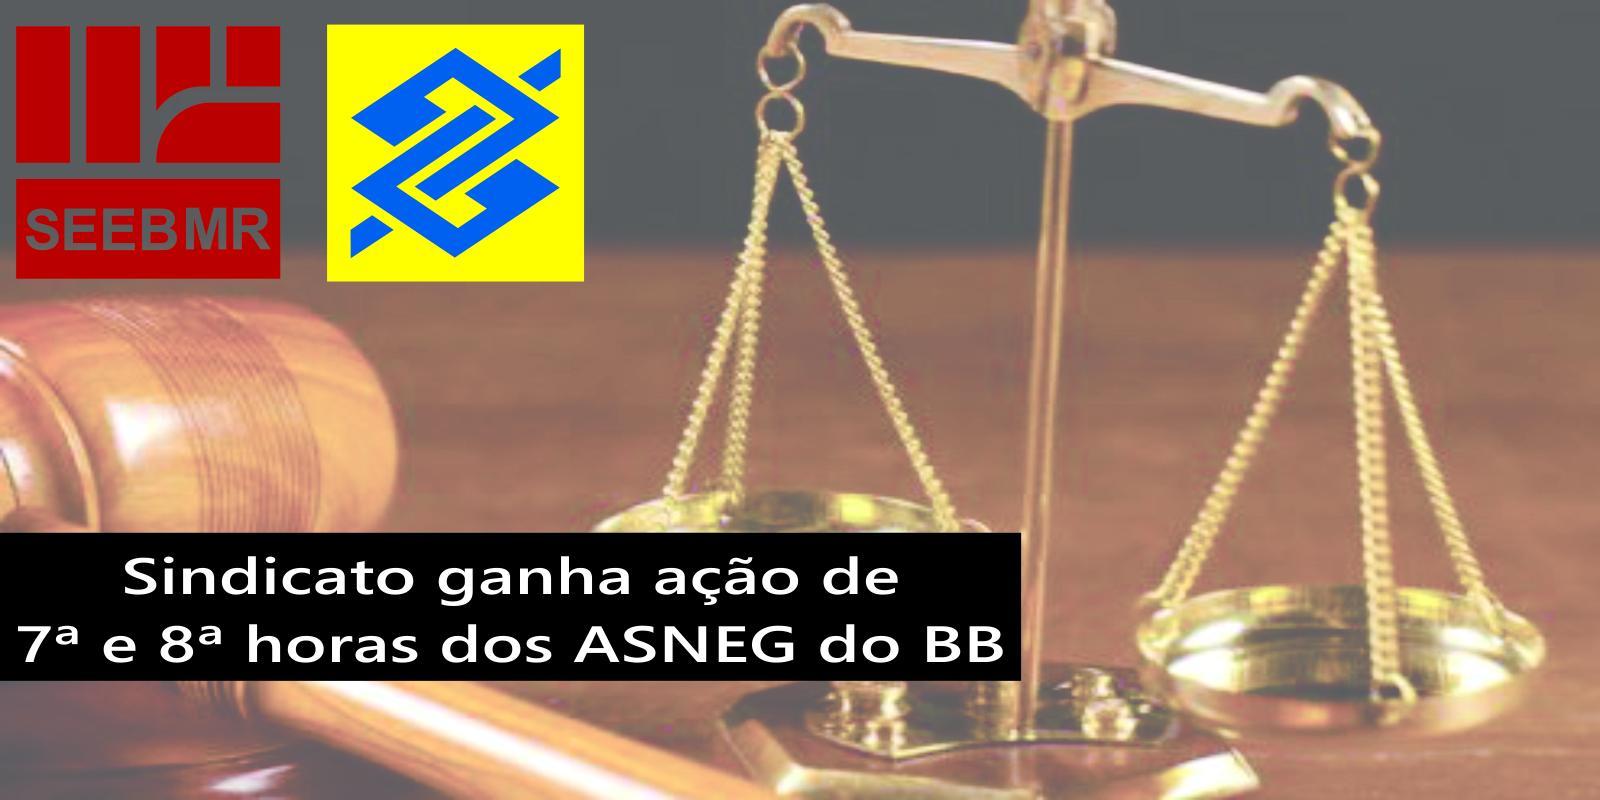 Sindicato ganha ação de 7ª e 8ªhe dos Assitente de Negócios do BB. (ASNEG)